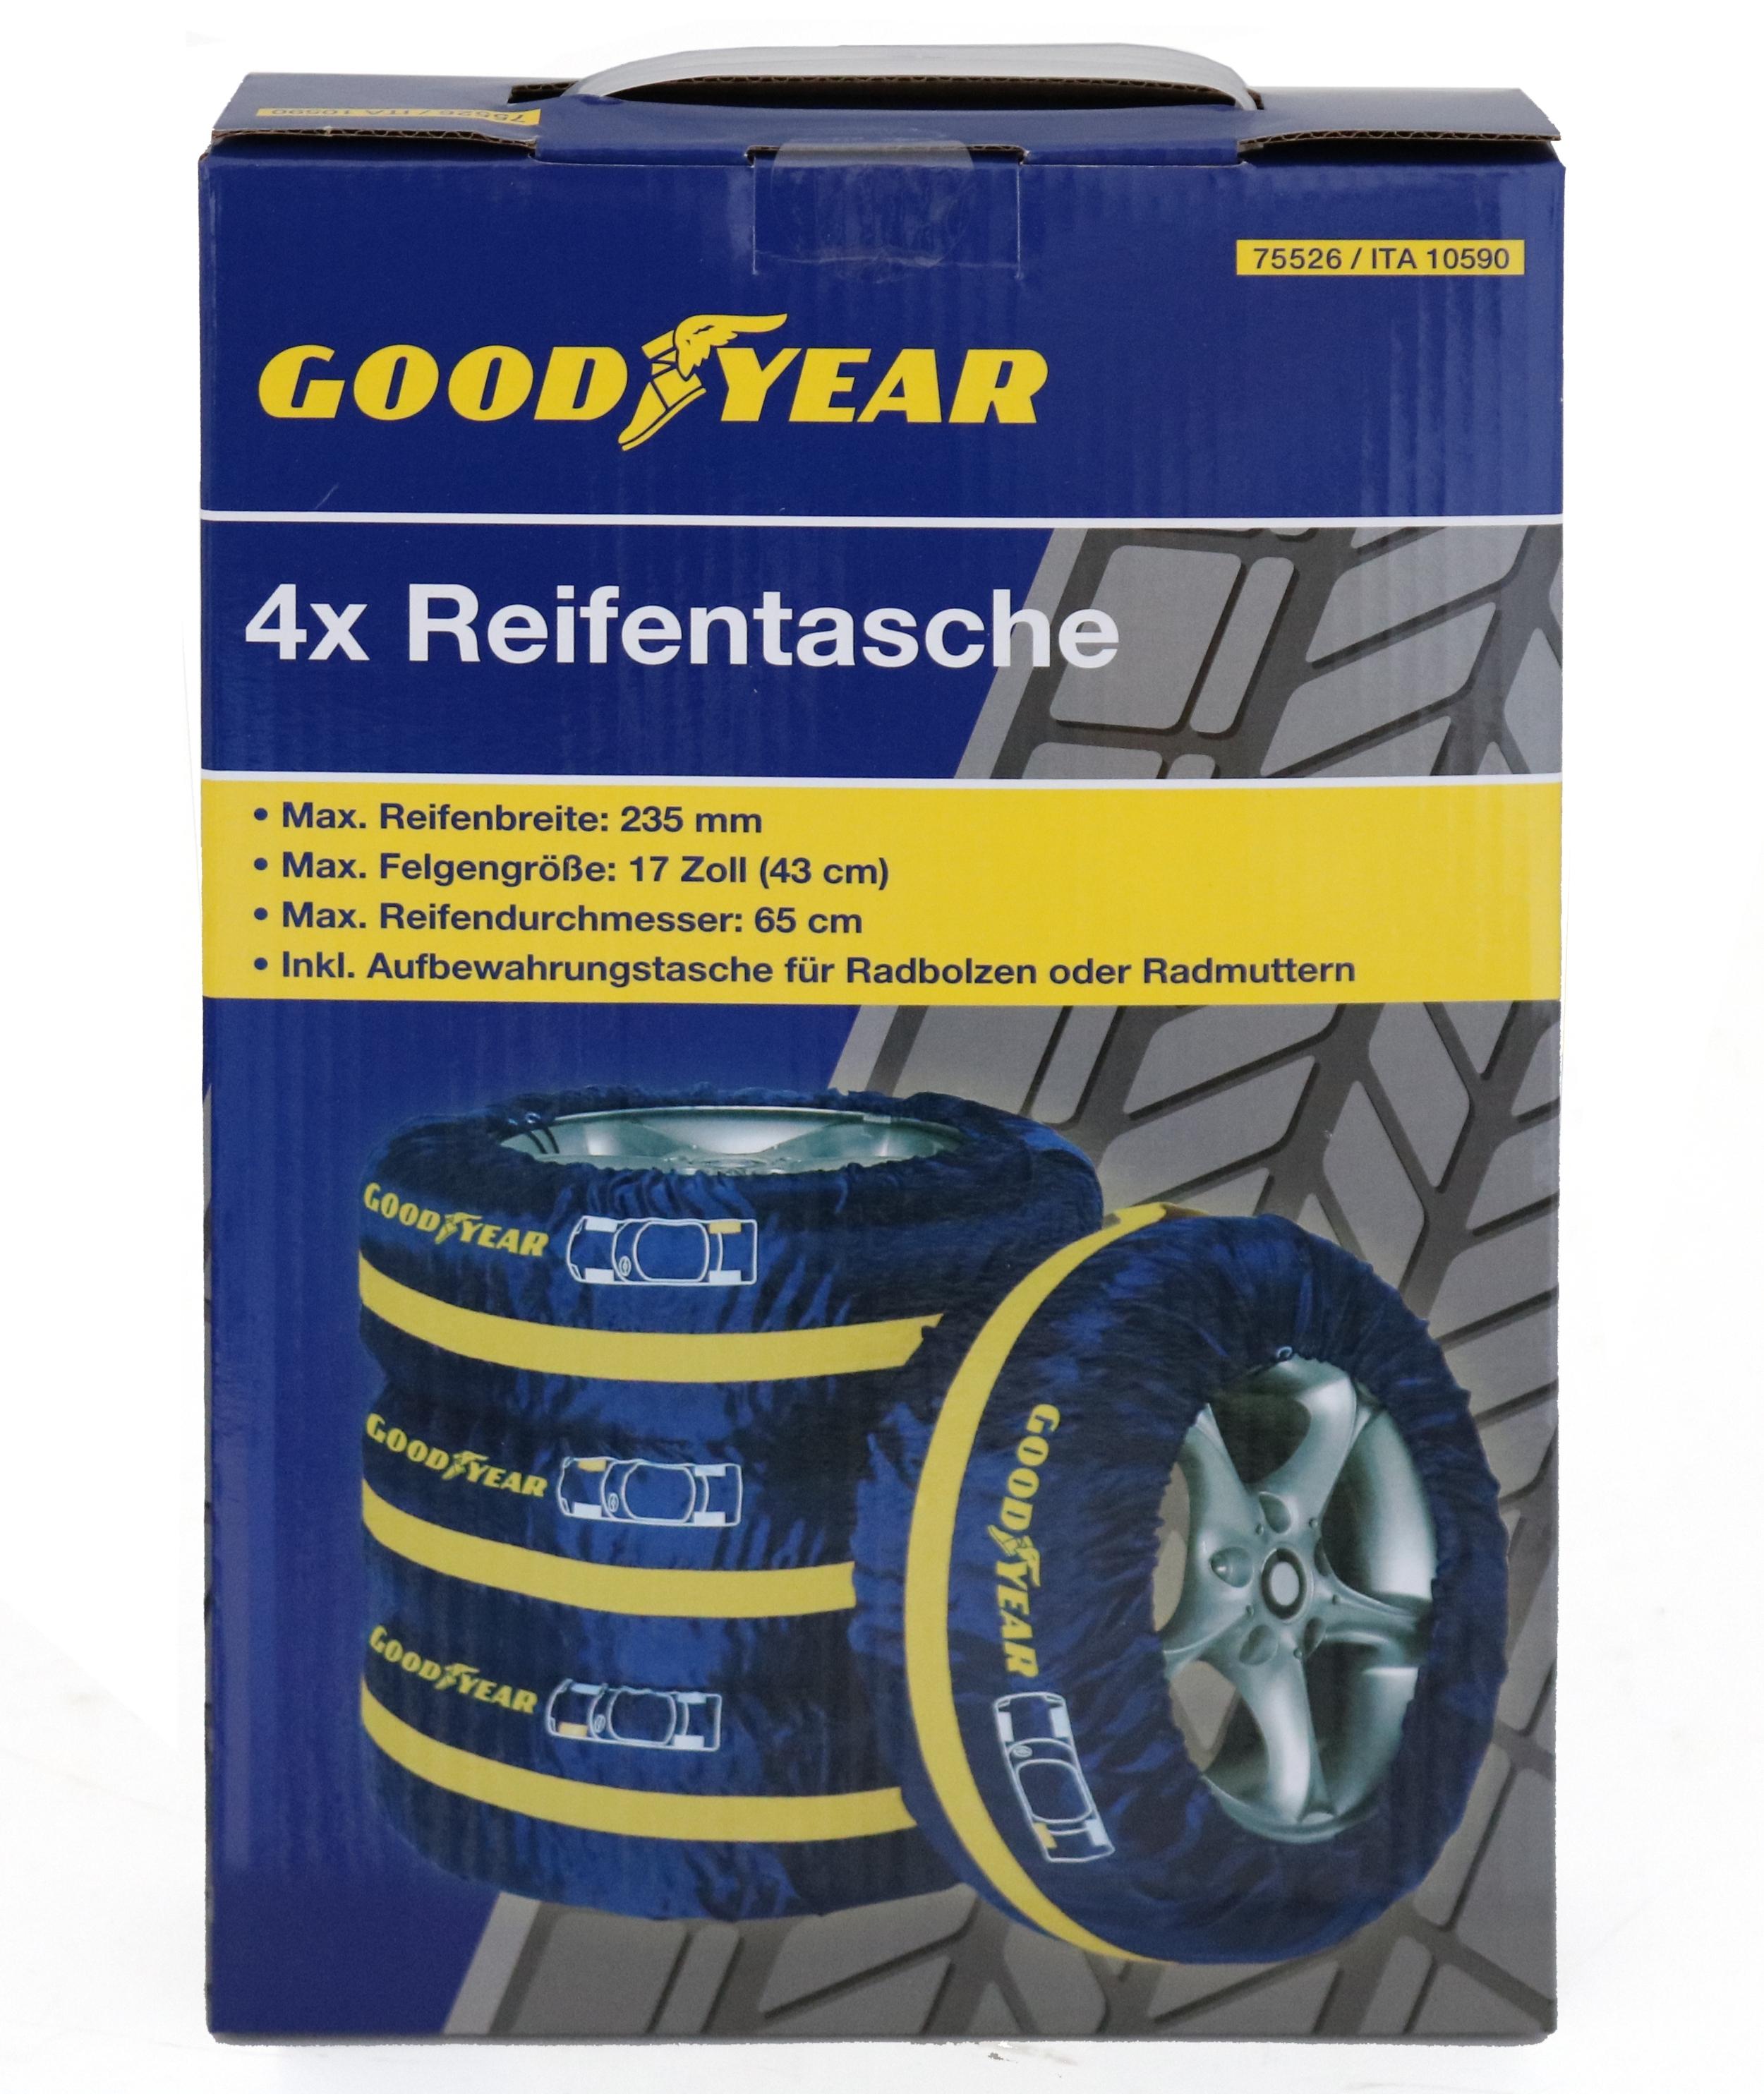 Goodyear 75526 Reifentasche